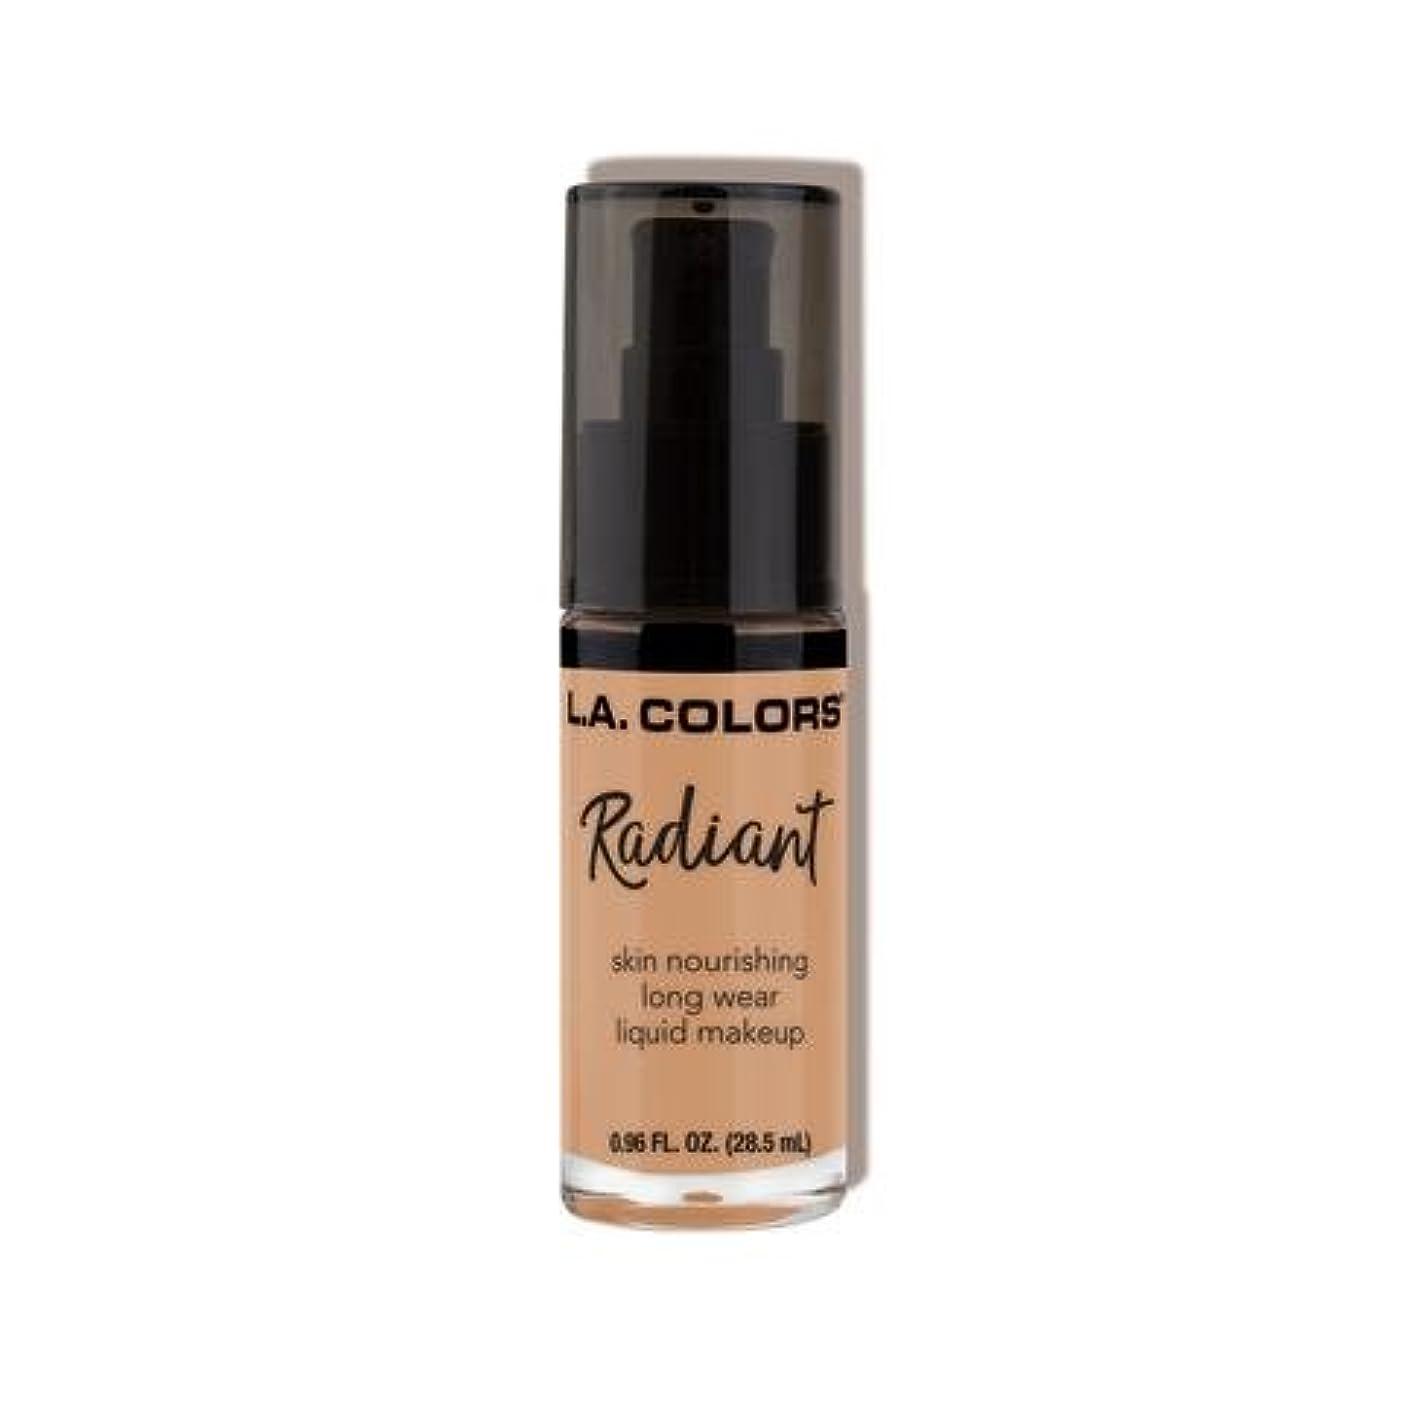 噴出するレガシーランタン(6 Pack) L.A. COLORS Radiant Liquid Makeup - Light Tan (並行輸入品)